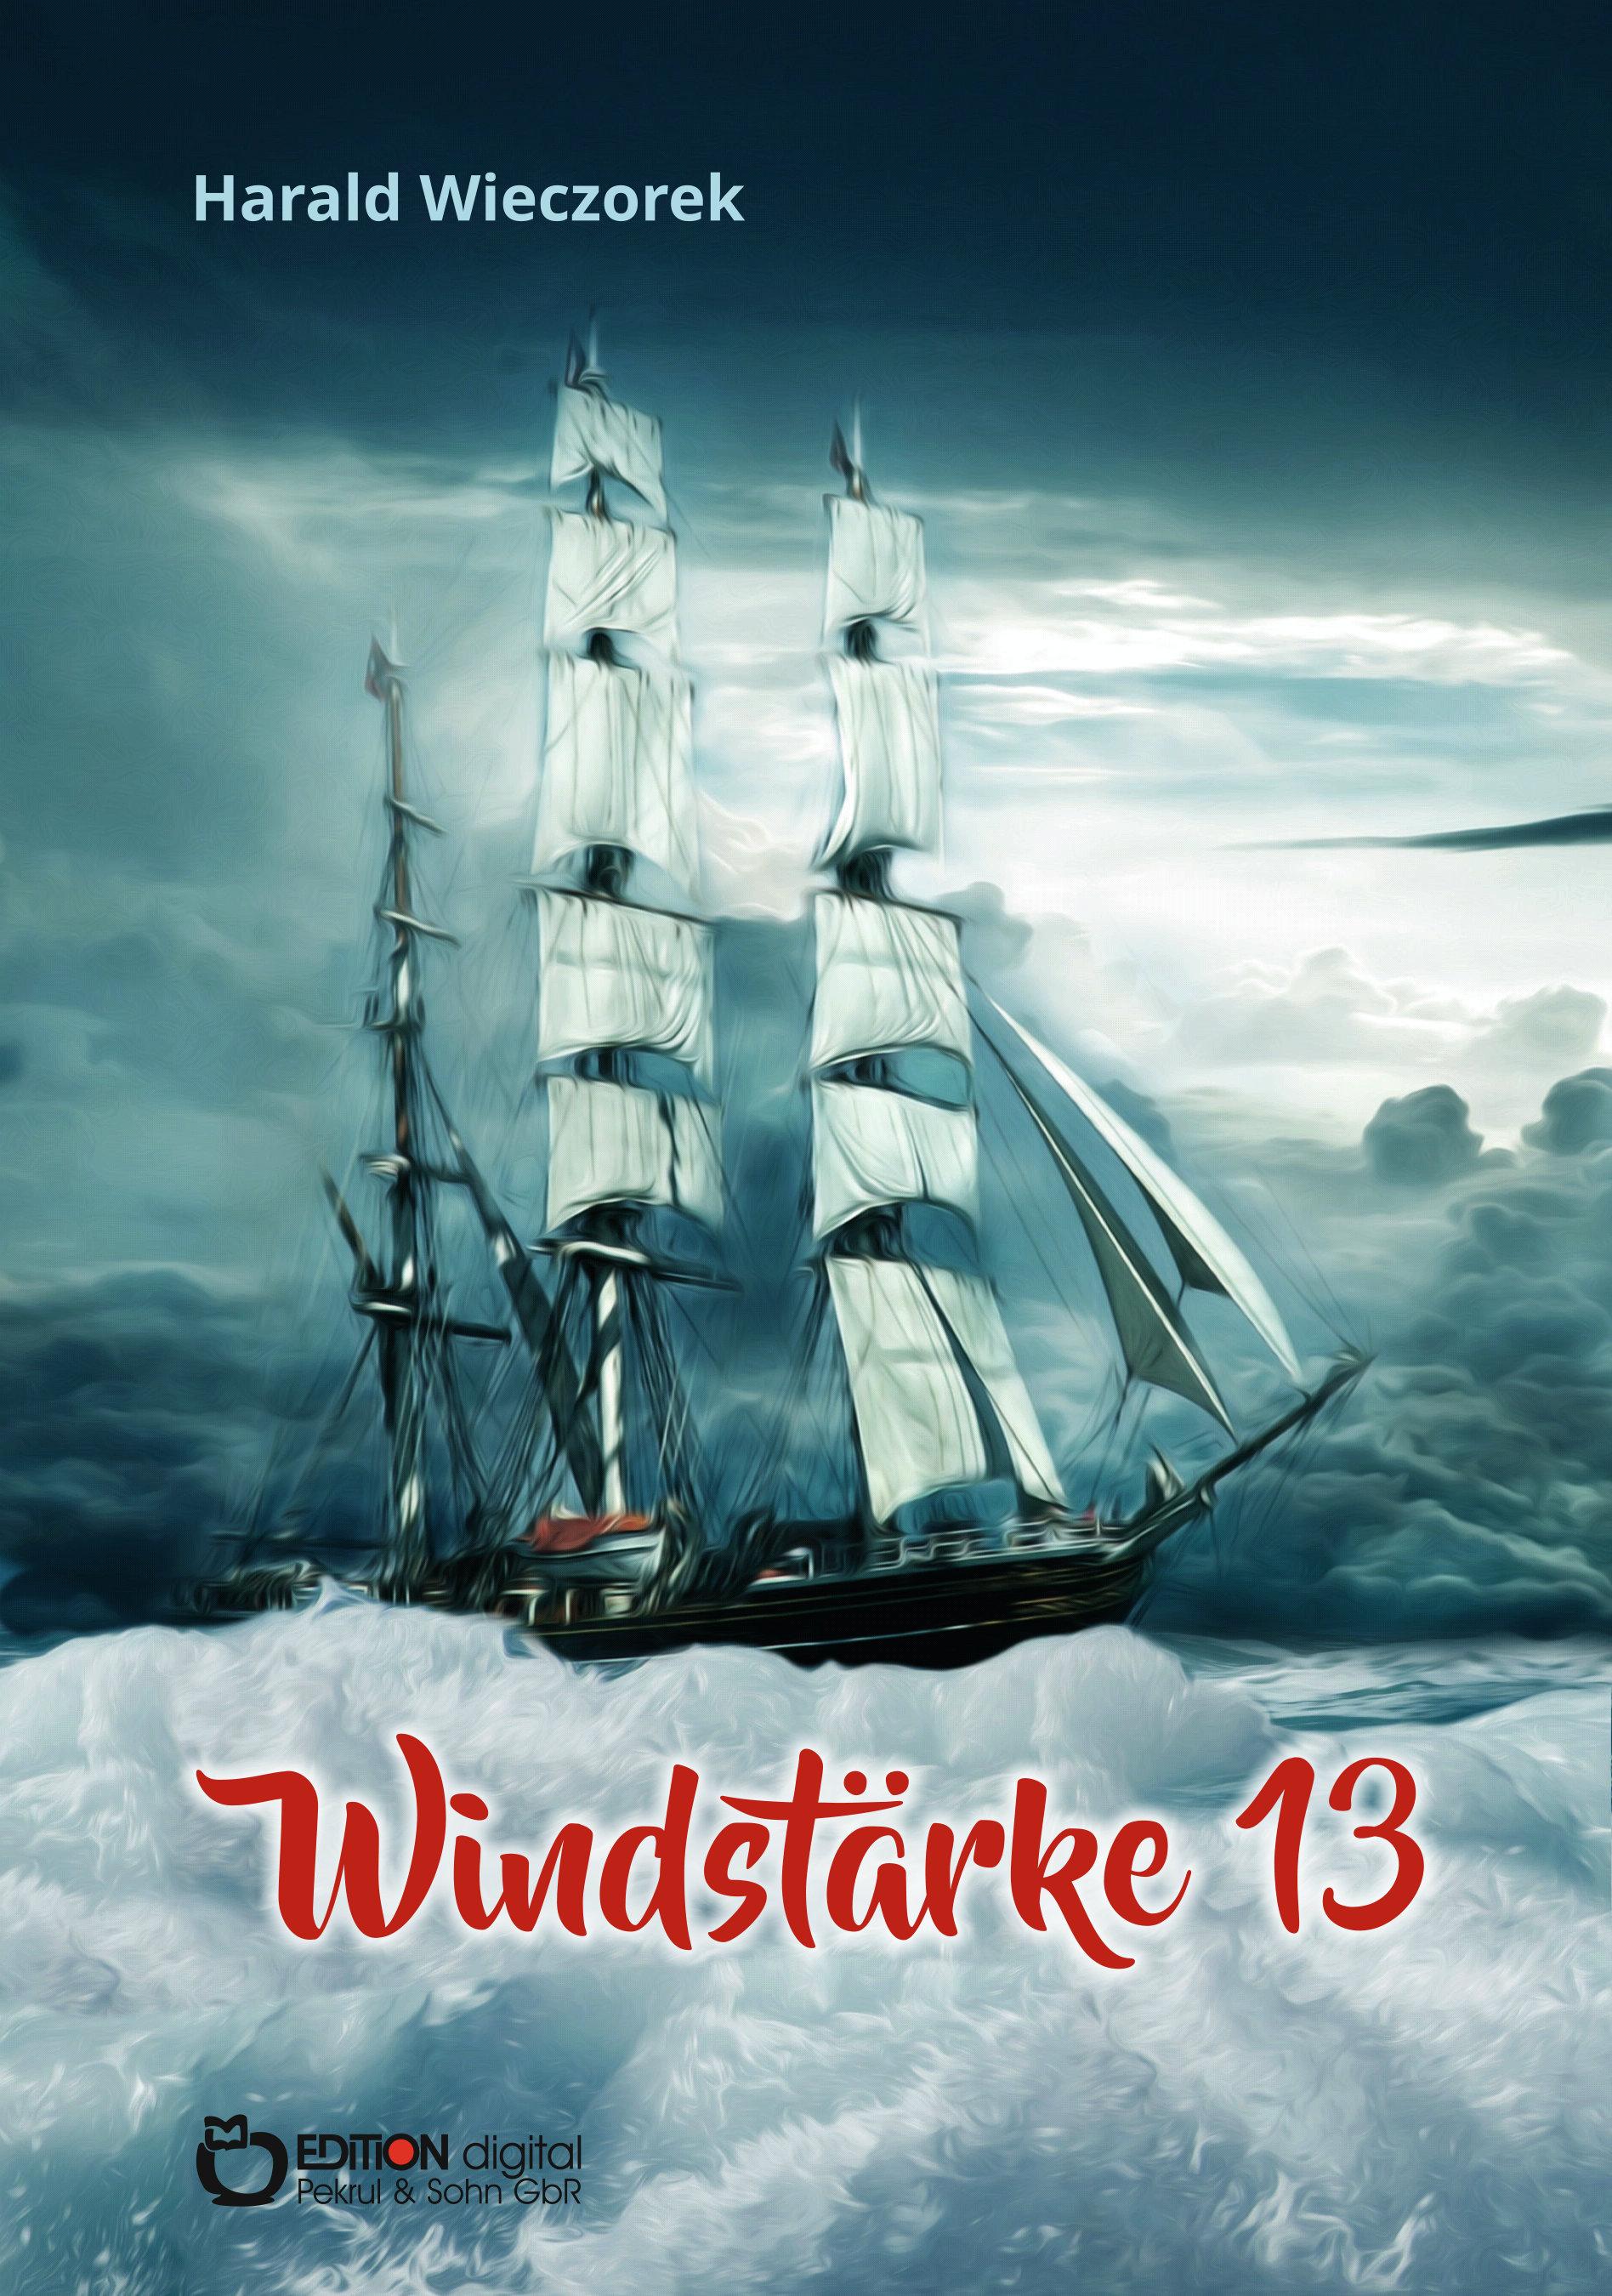 Windstärke 13 von Harald Wieczorek